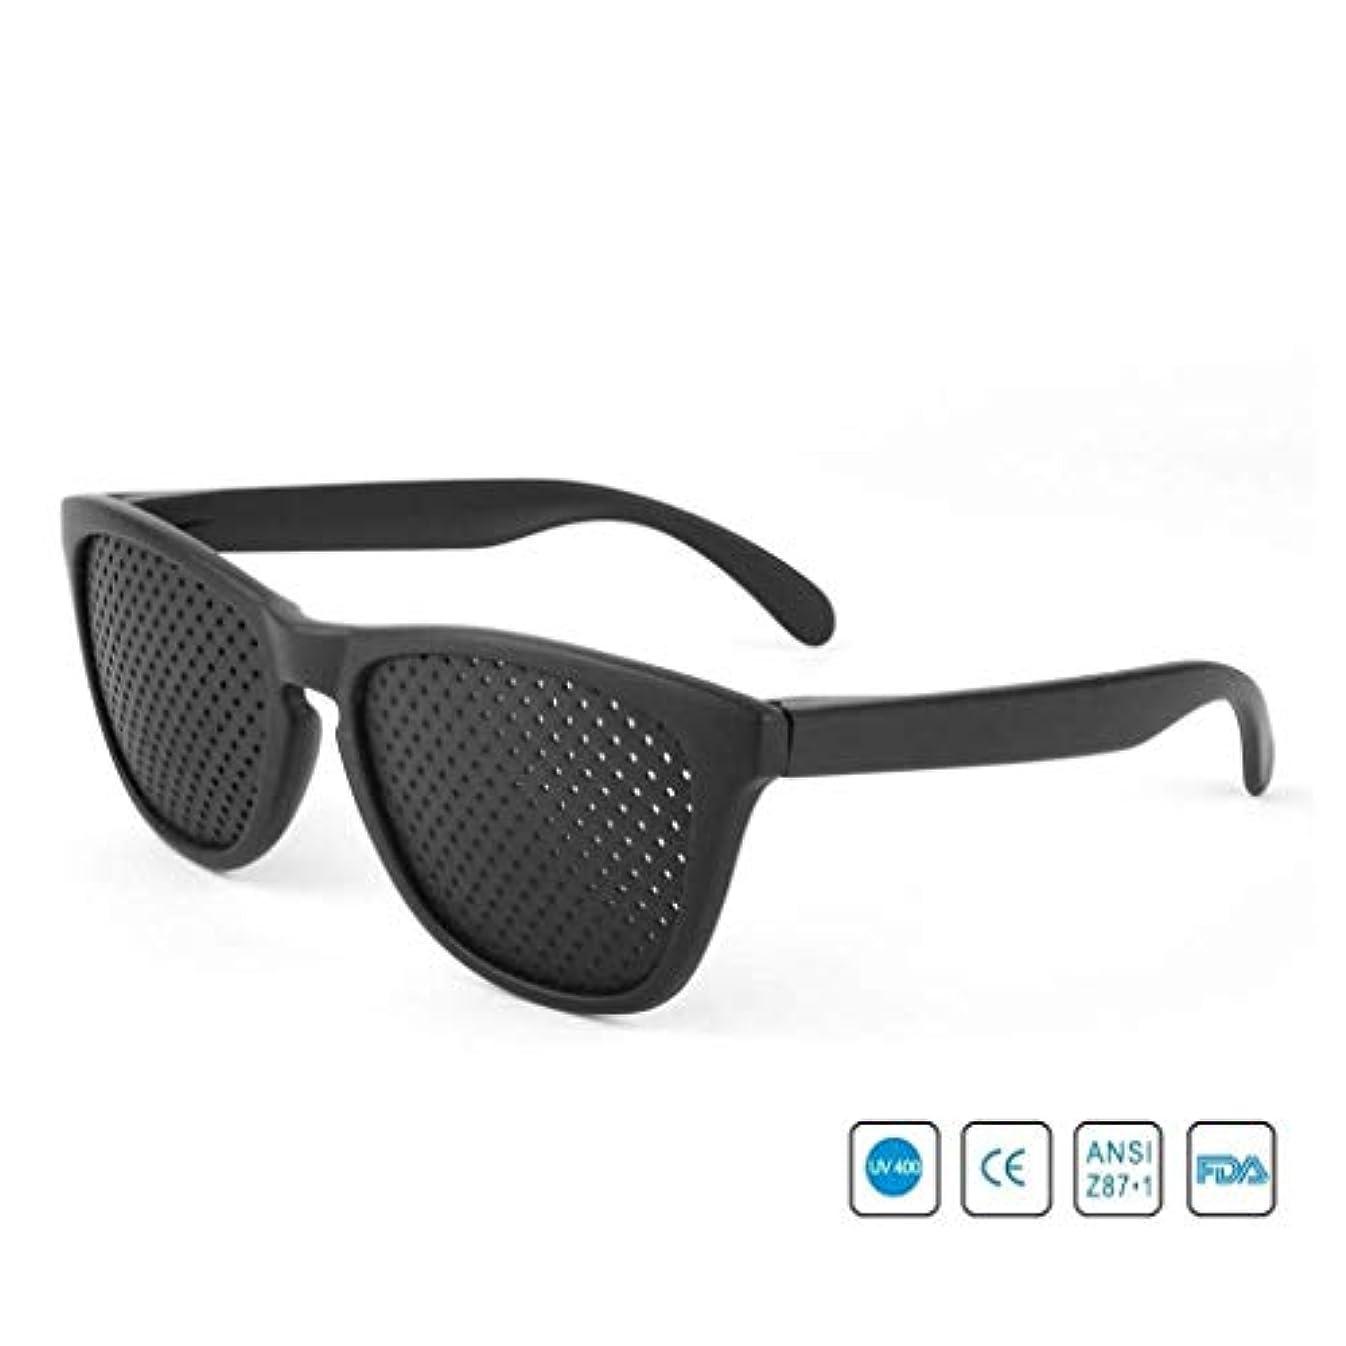 受取人止まる保証ピンホールメガネ、アイズエクササイズアイサイトビジョンメガネの改善ビジョンケアメガネ近視の防止メガネの改善